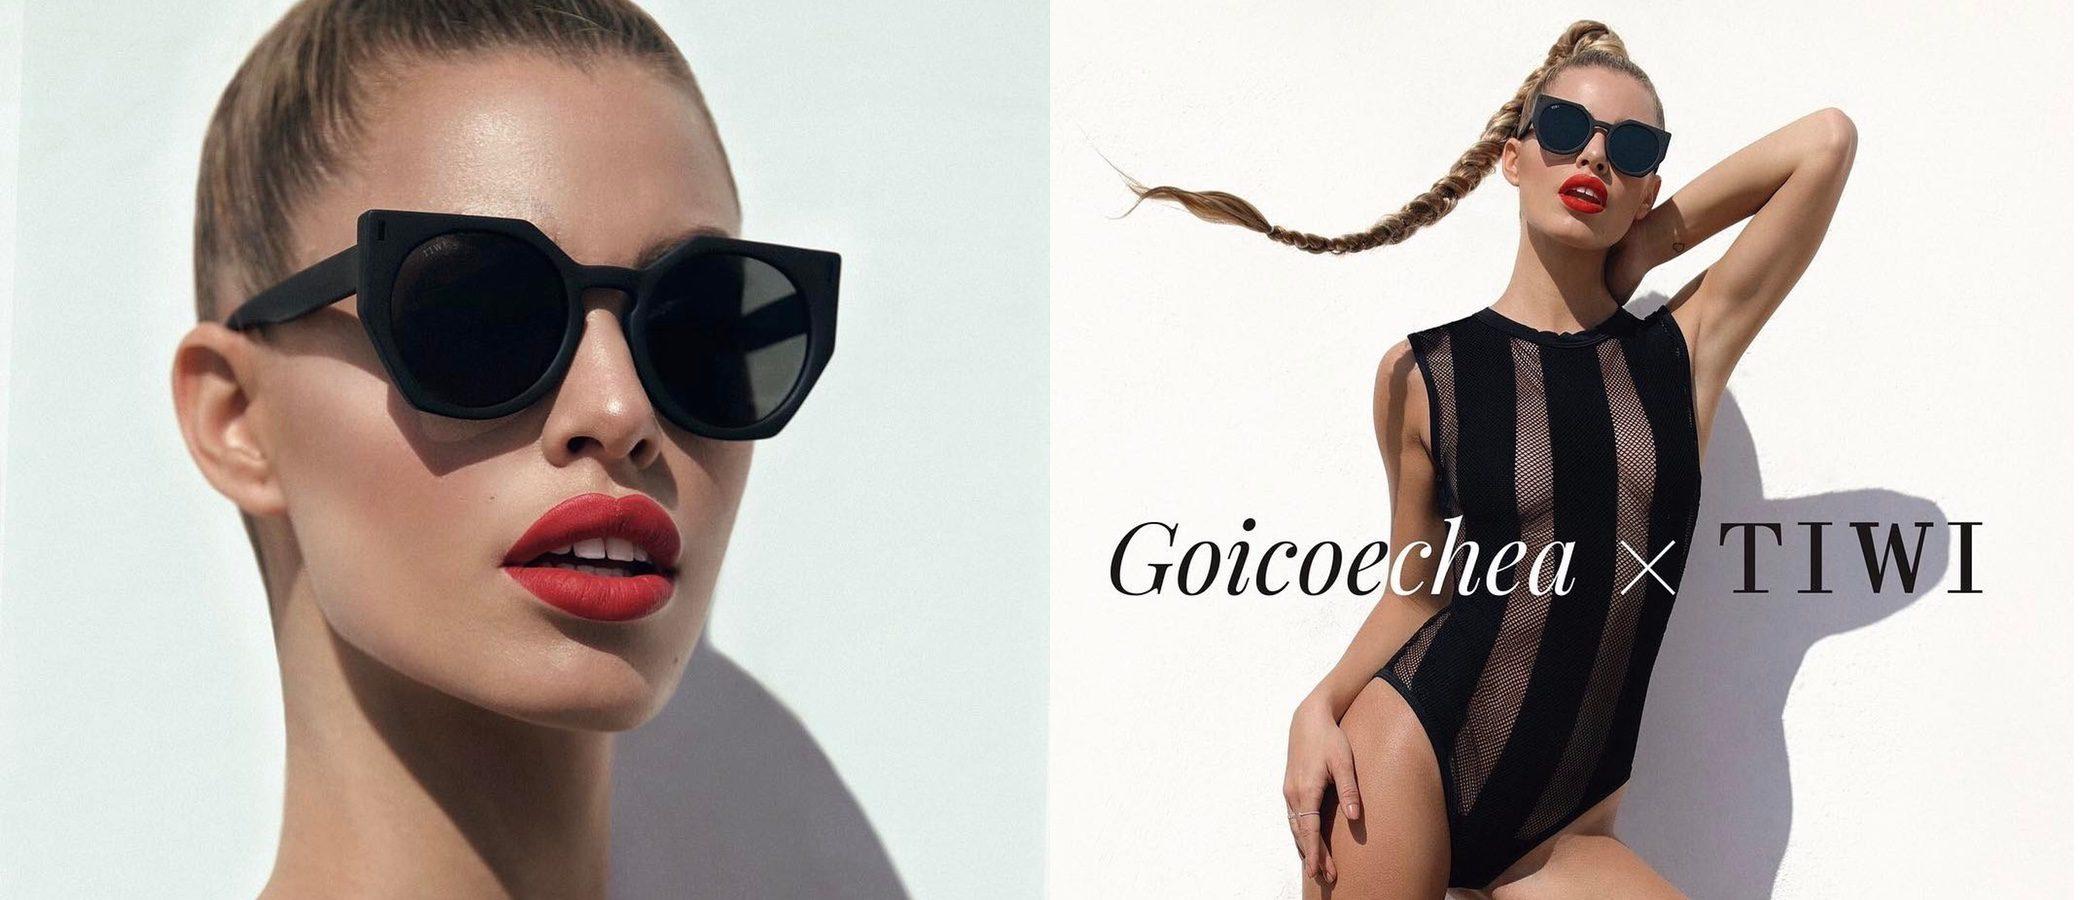 Jessica Goicoechea lanza su primera línea de gafas de sol con la marca Tiwi